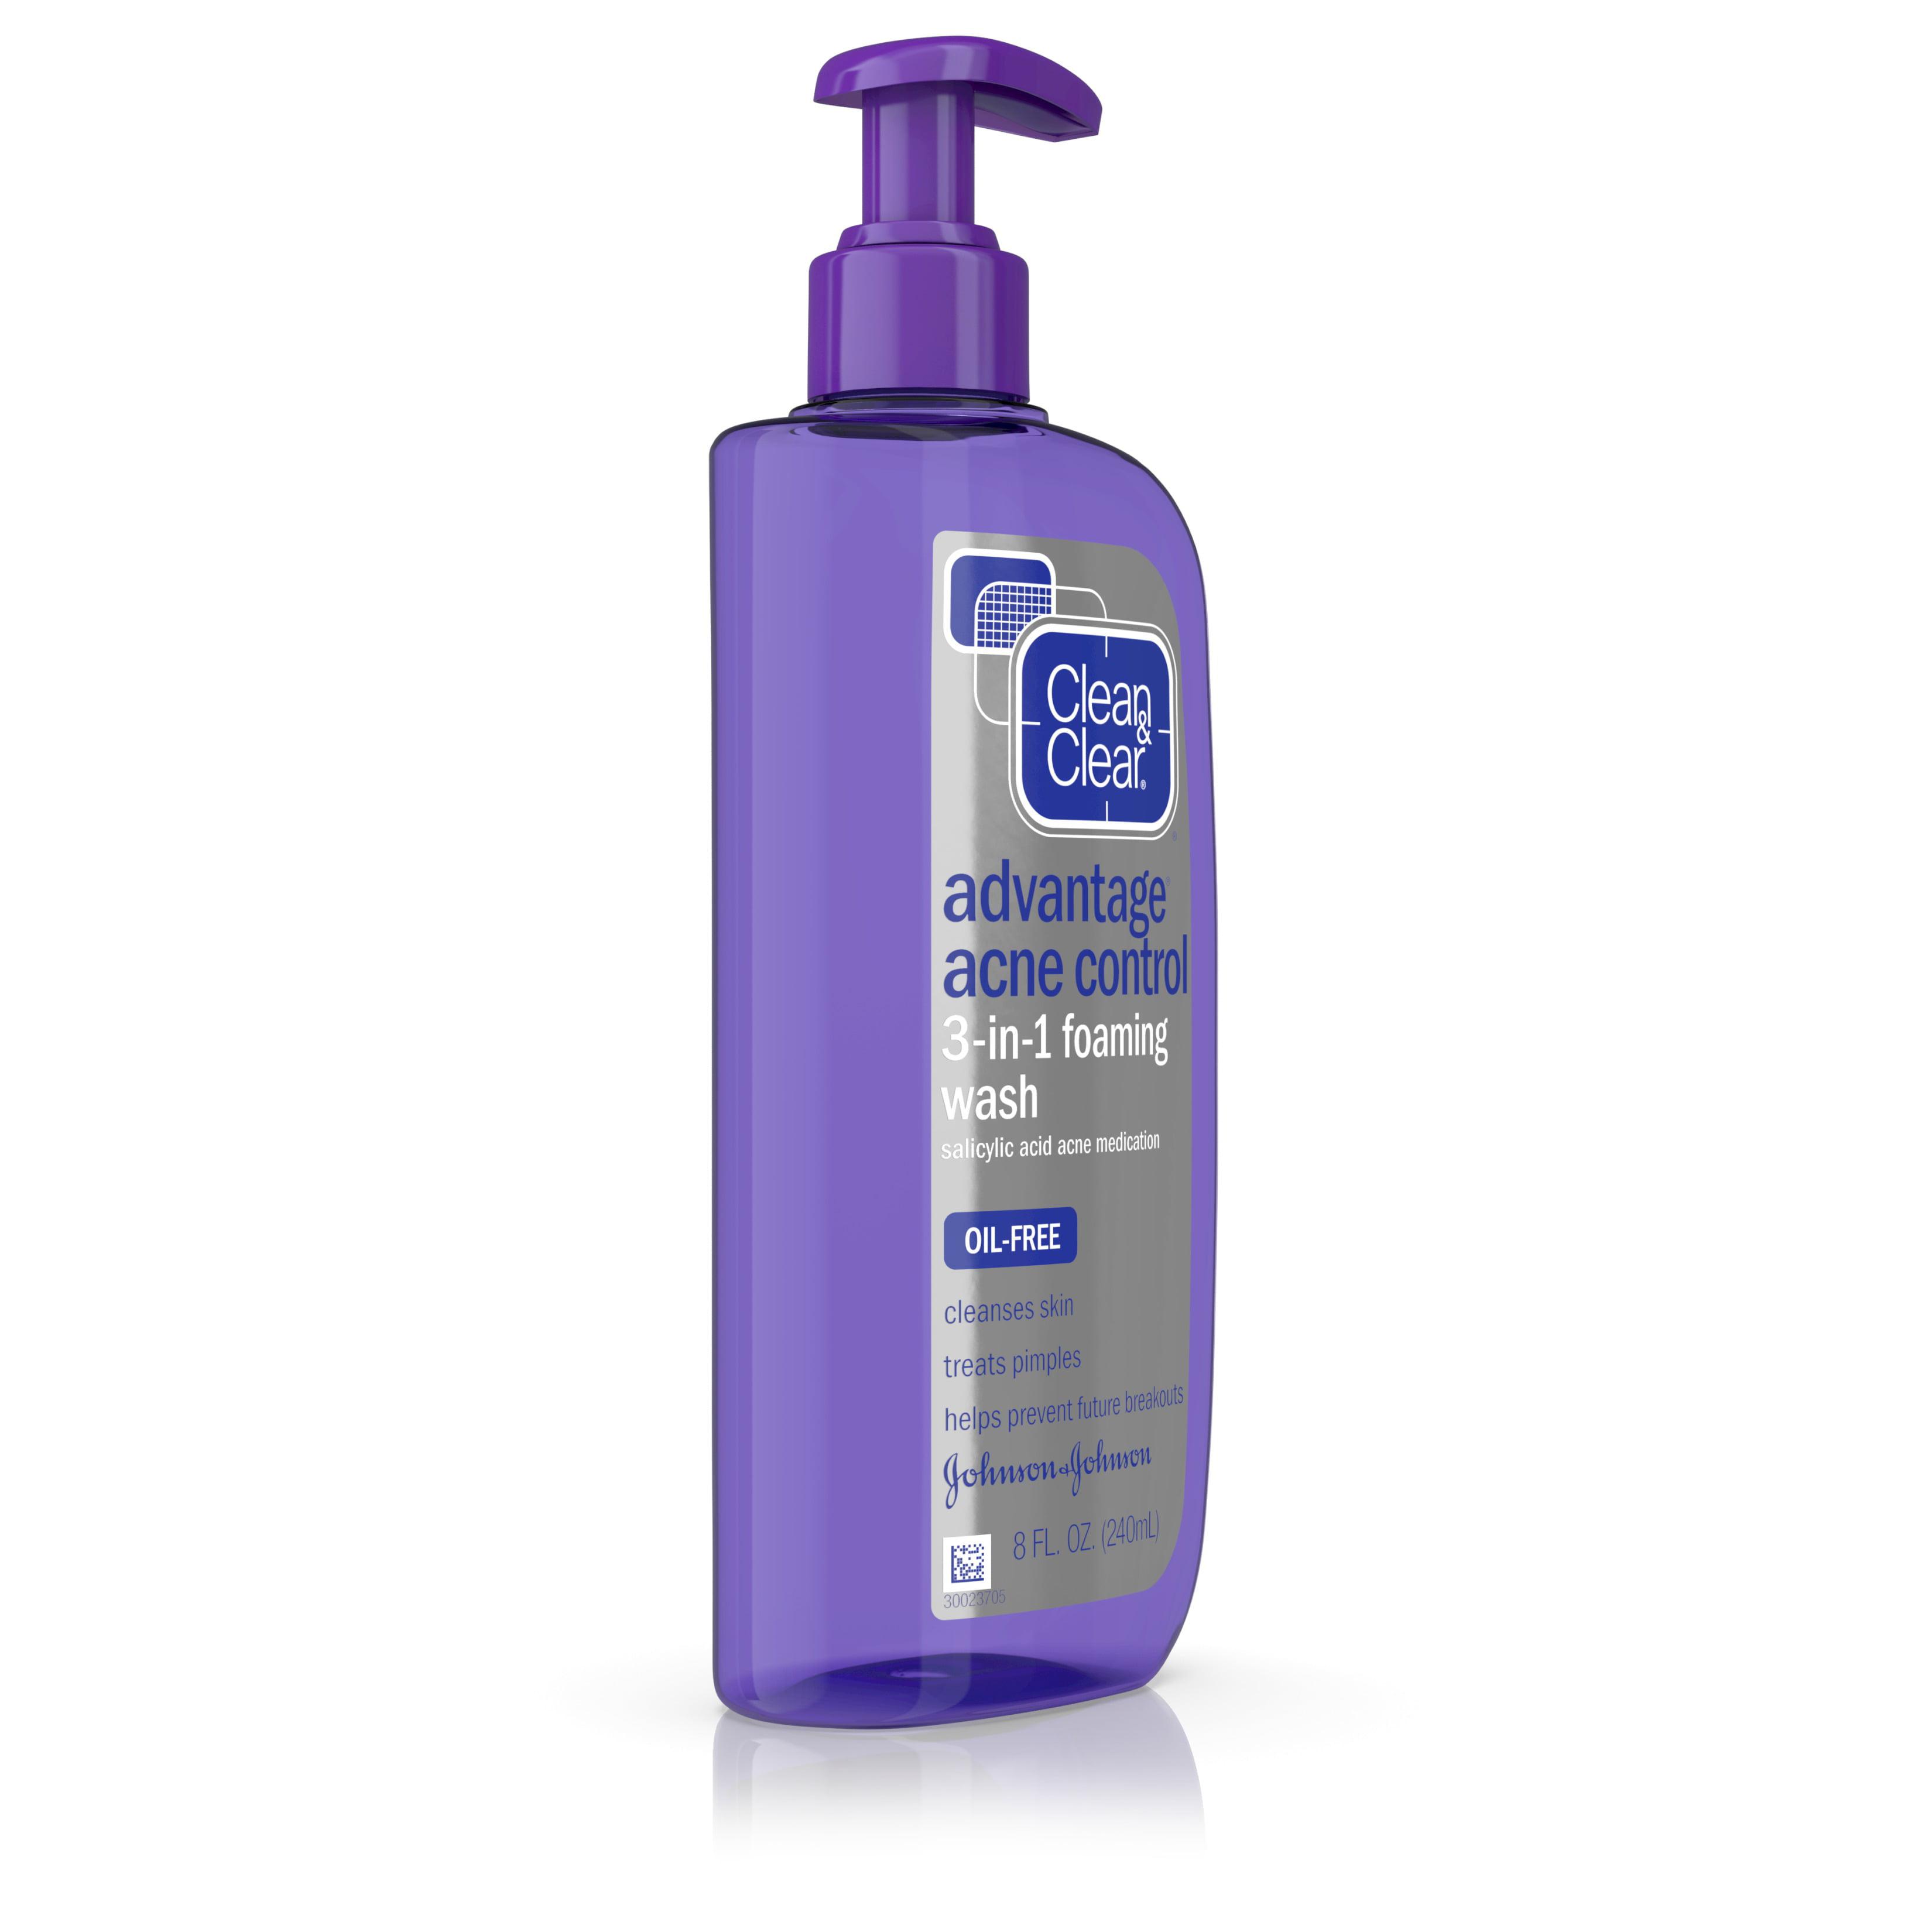 clean u0026 clear advantage acne control 3in1 foaming wash 8 fl oz walmartcom